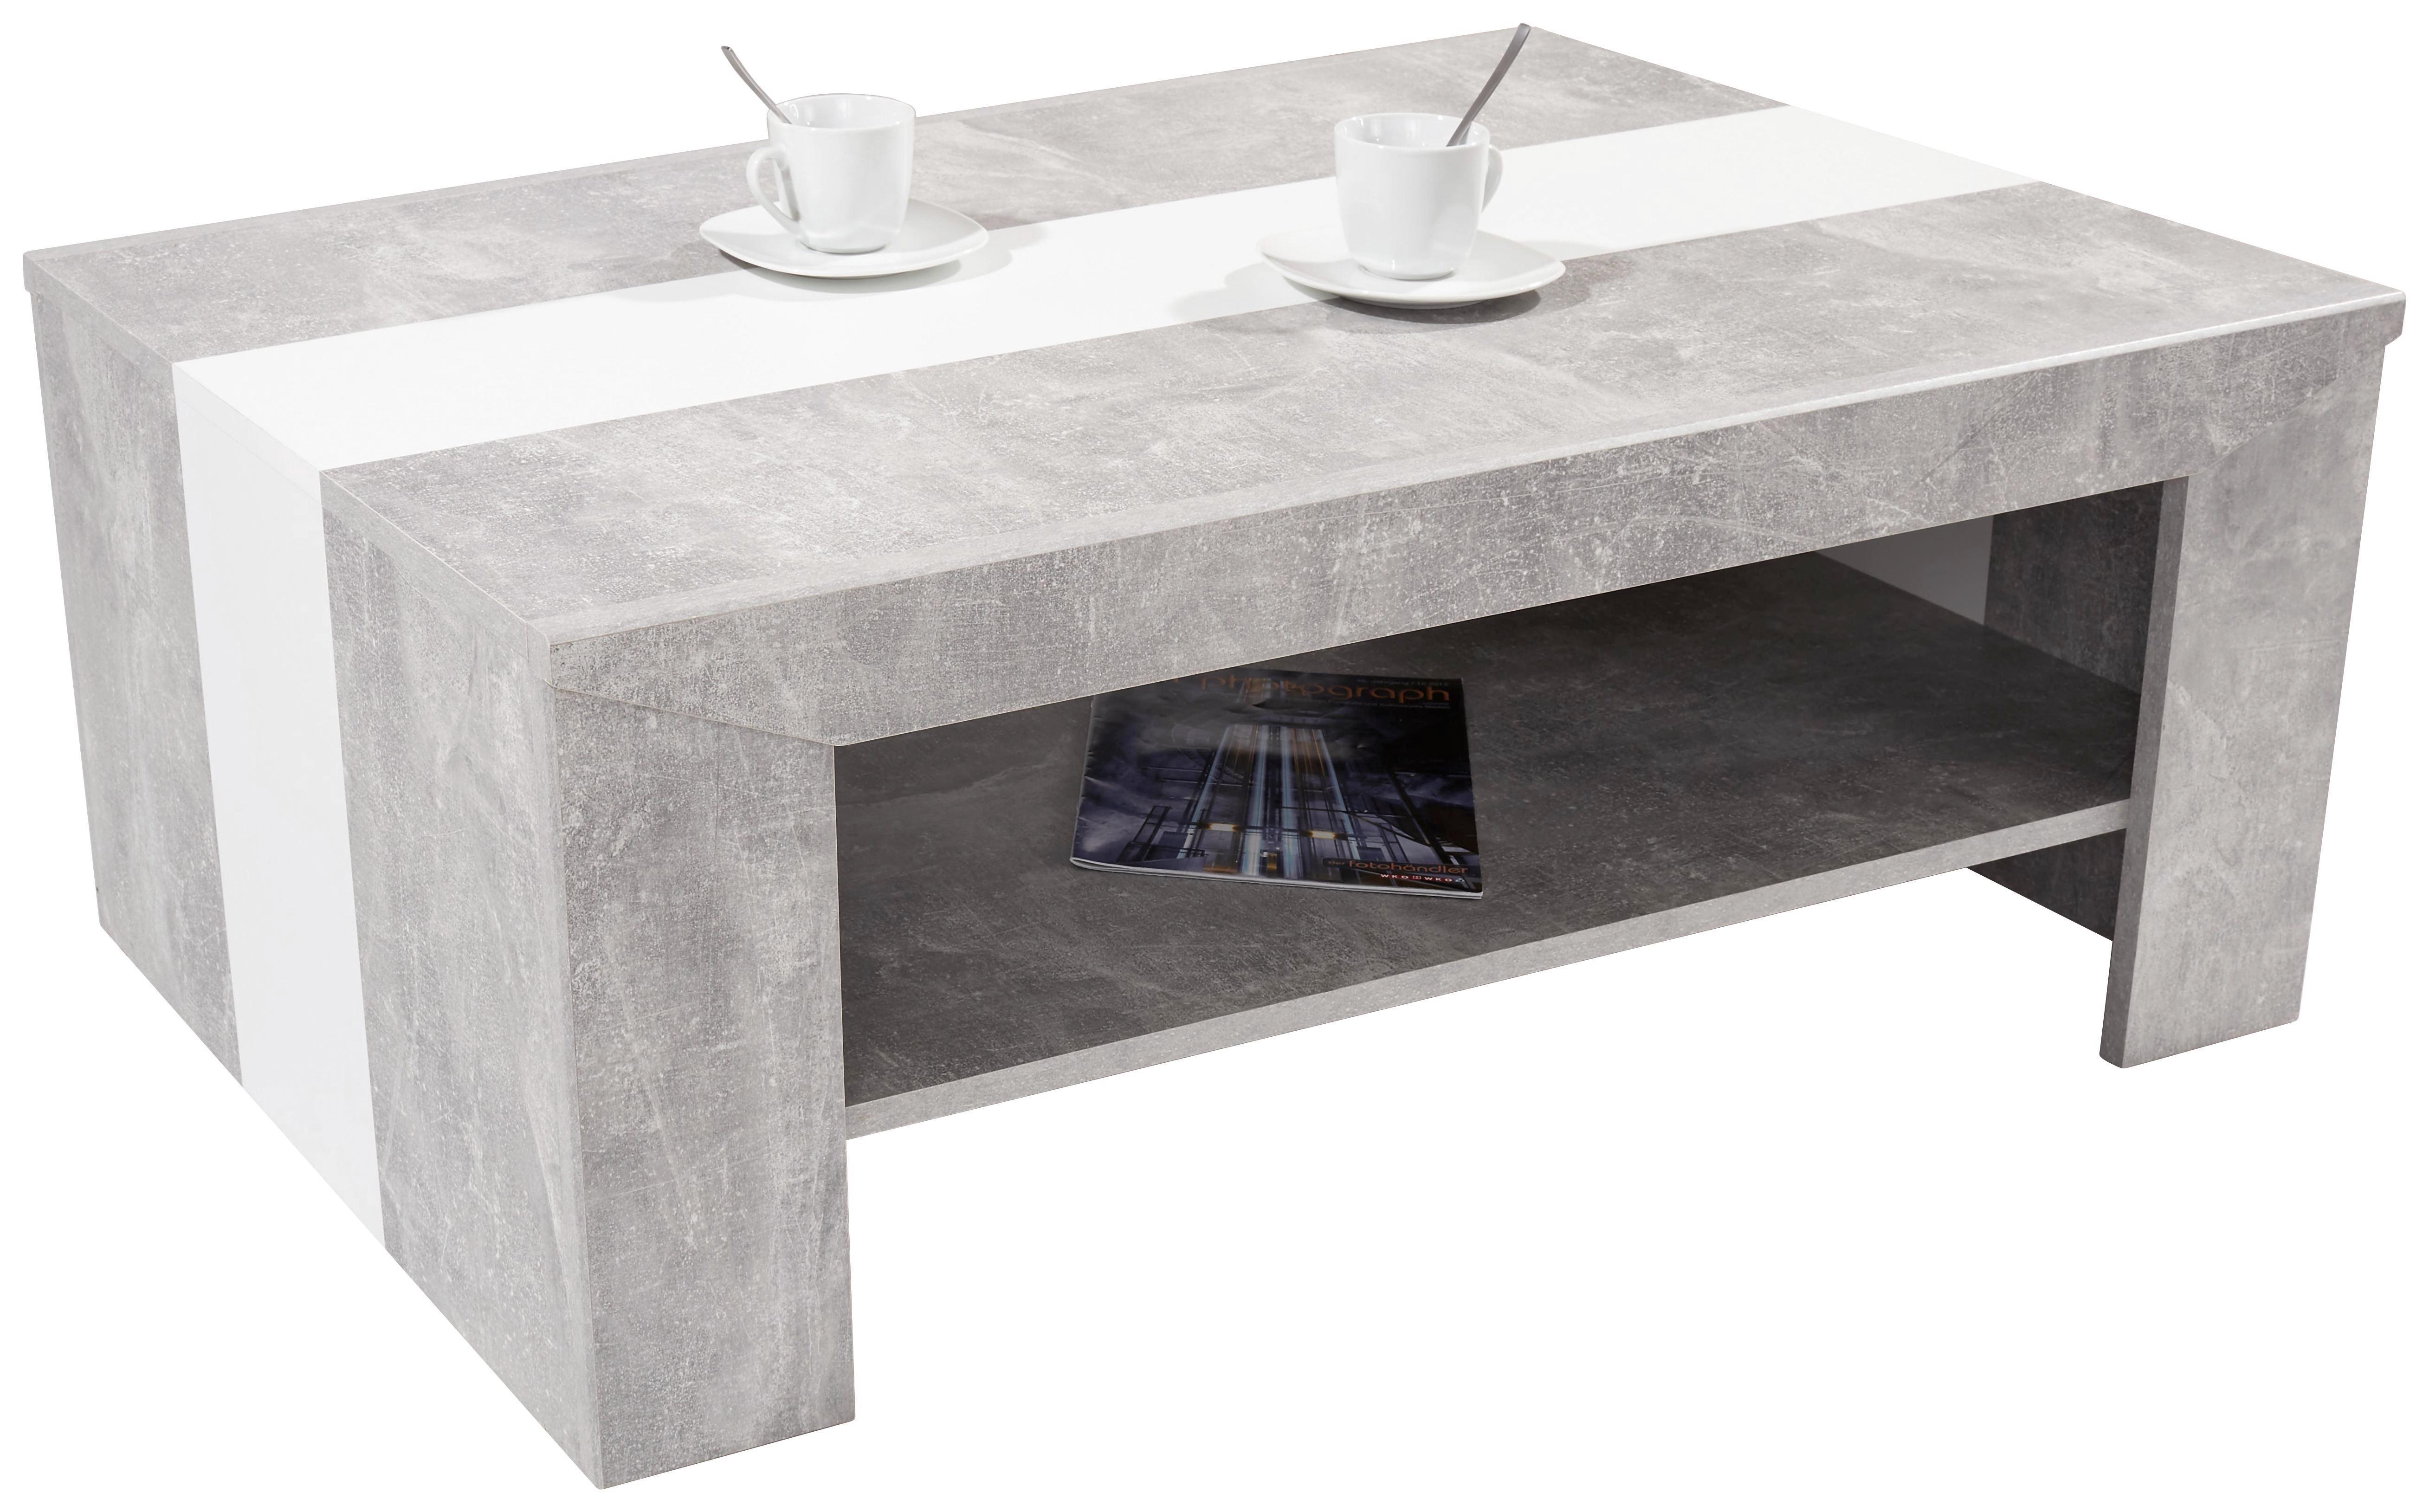 Couchtisch Grau Matt Quadratisch Tisch Farbe Grau X Cm Couchtische